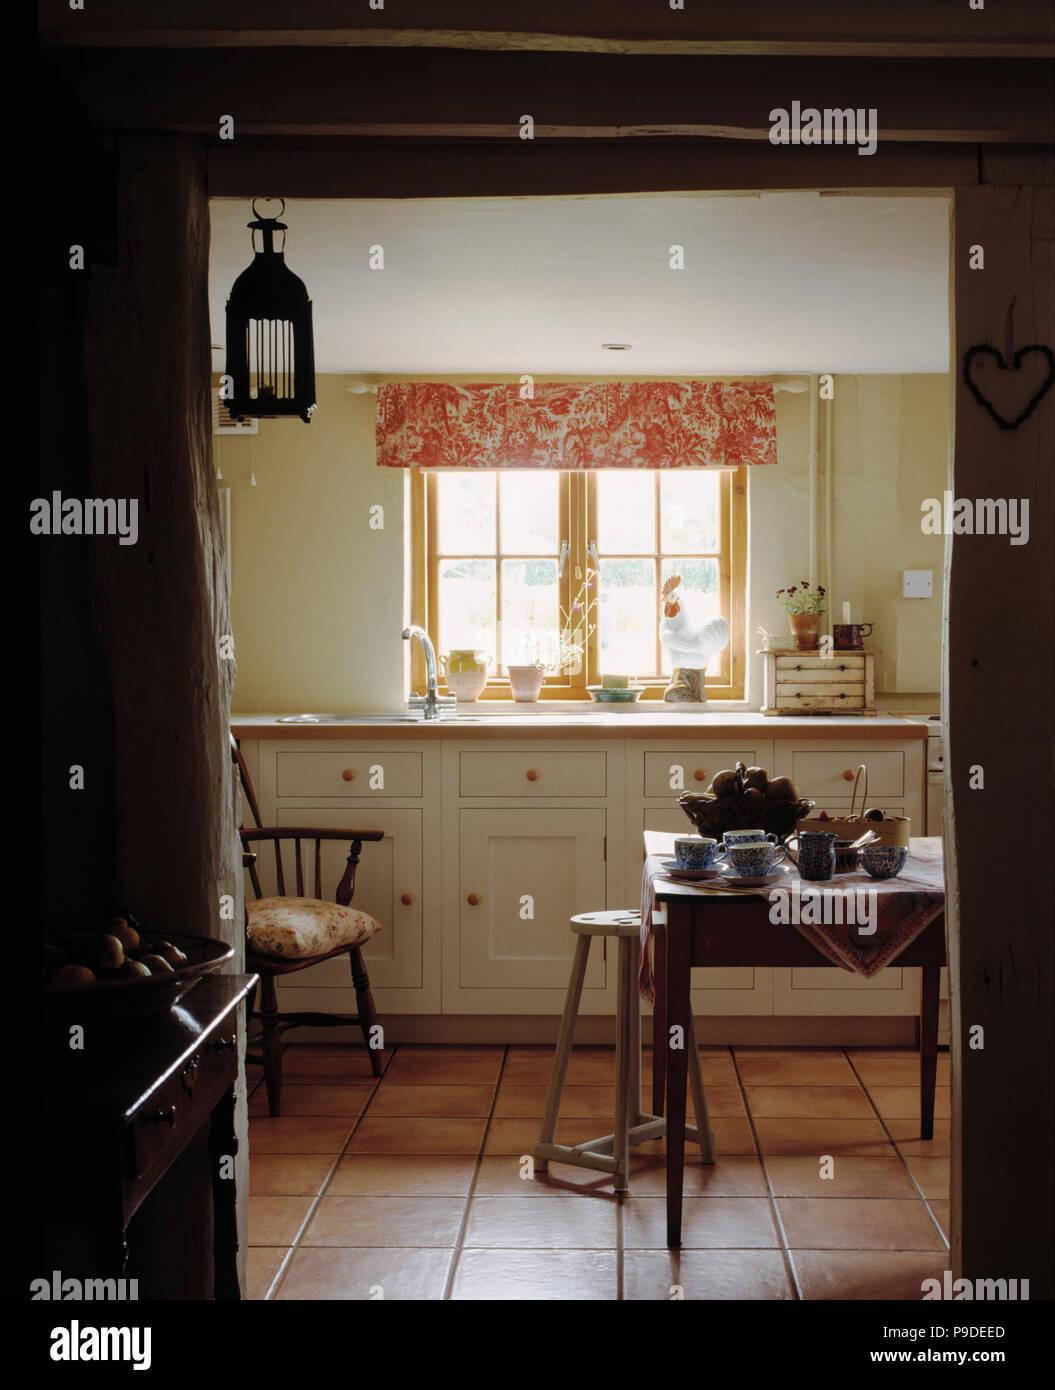 Pink Weiss Blind Auf Fenster In Cottage Kuche Esszimmer Mit